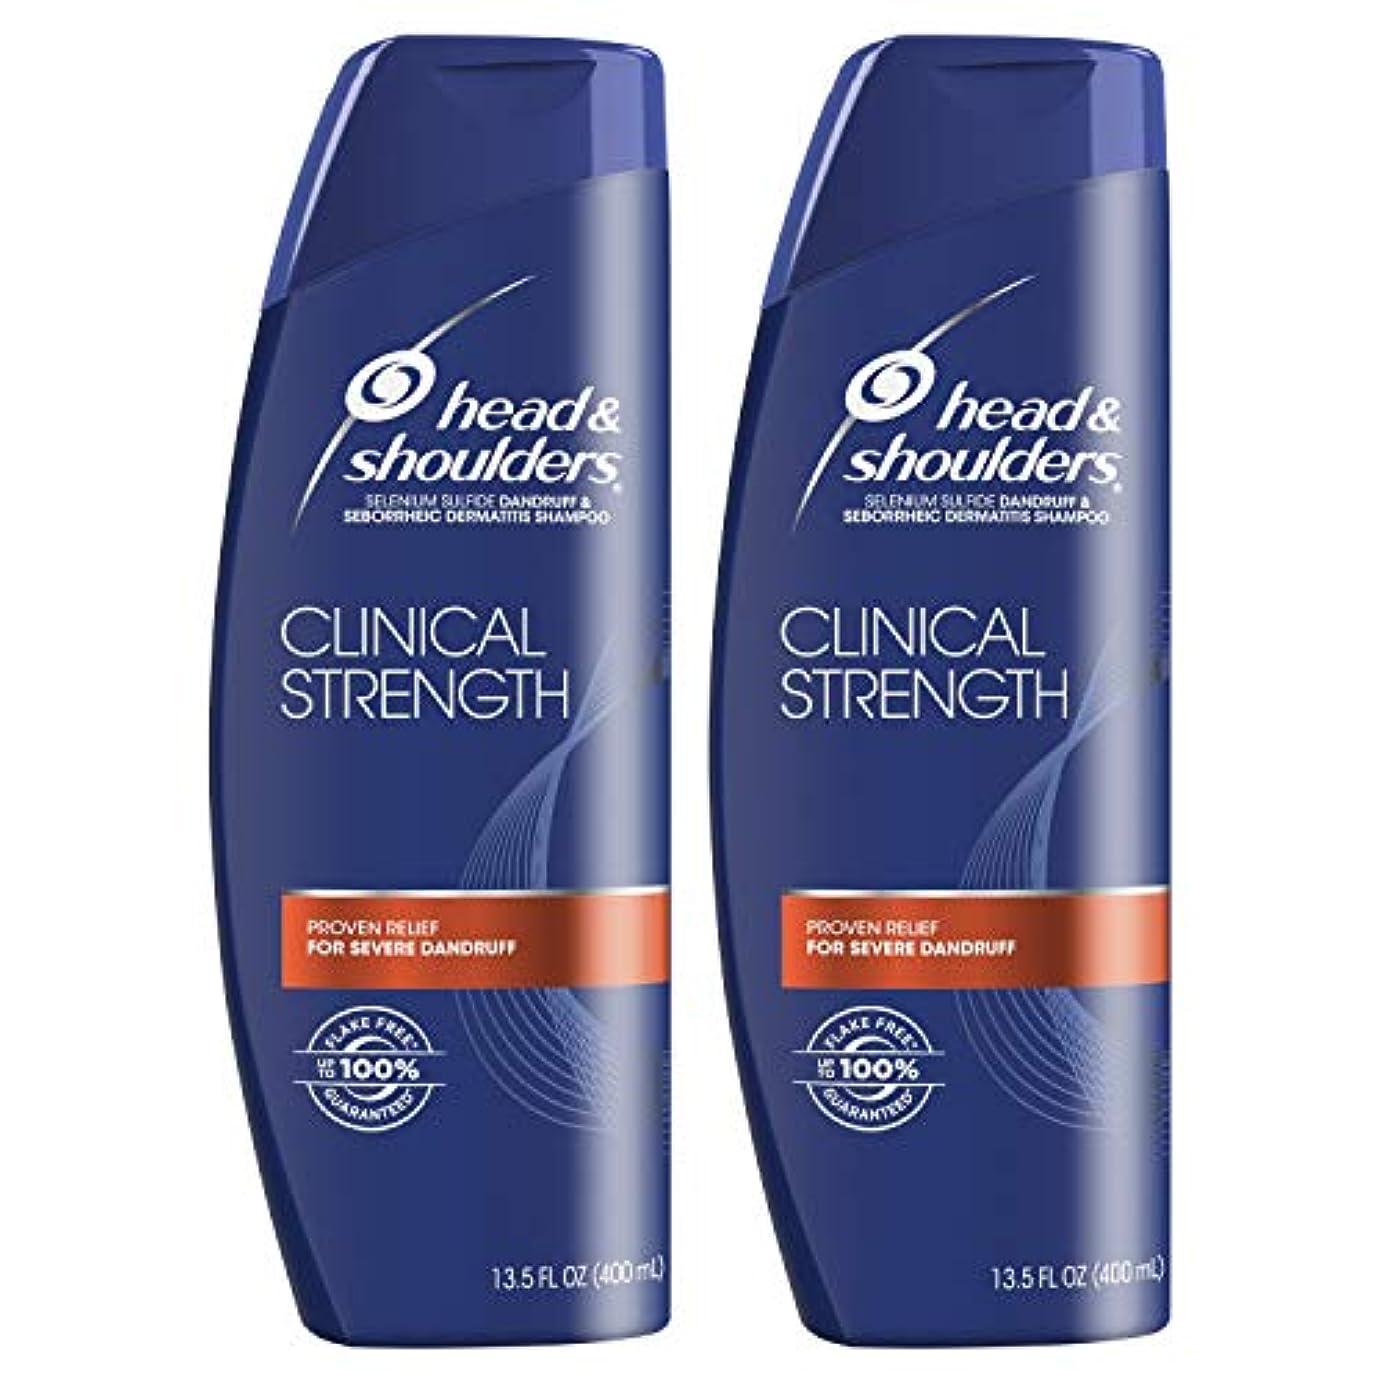 ニュージーランドカバー考えたHead and Shoulders Clinical Strength Dandruff and Seborrheic Dermatitisシャンプー、13.5 FL OZ